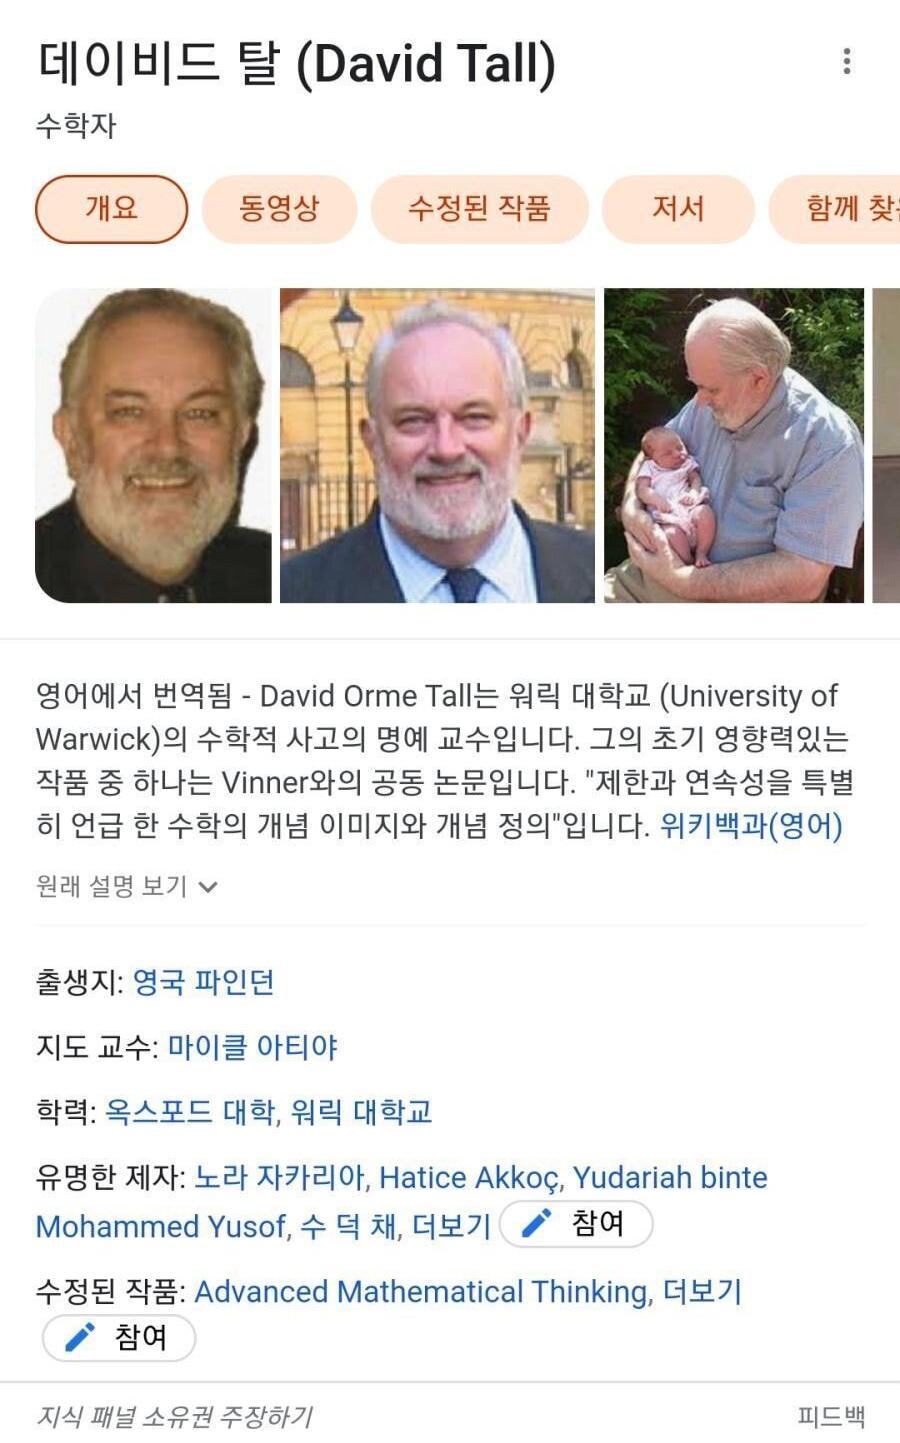 해외 논문에 실린 채연의 두뇌 풀가동 - 꾸르